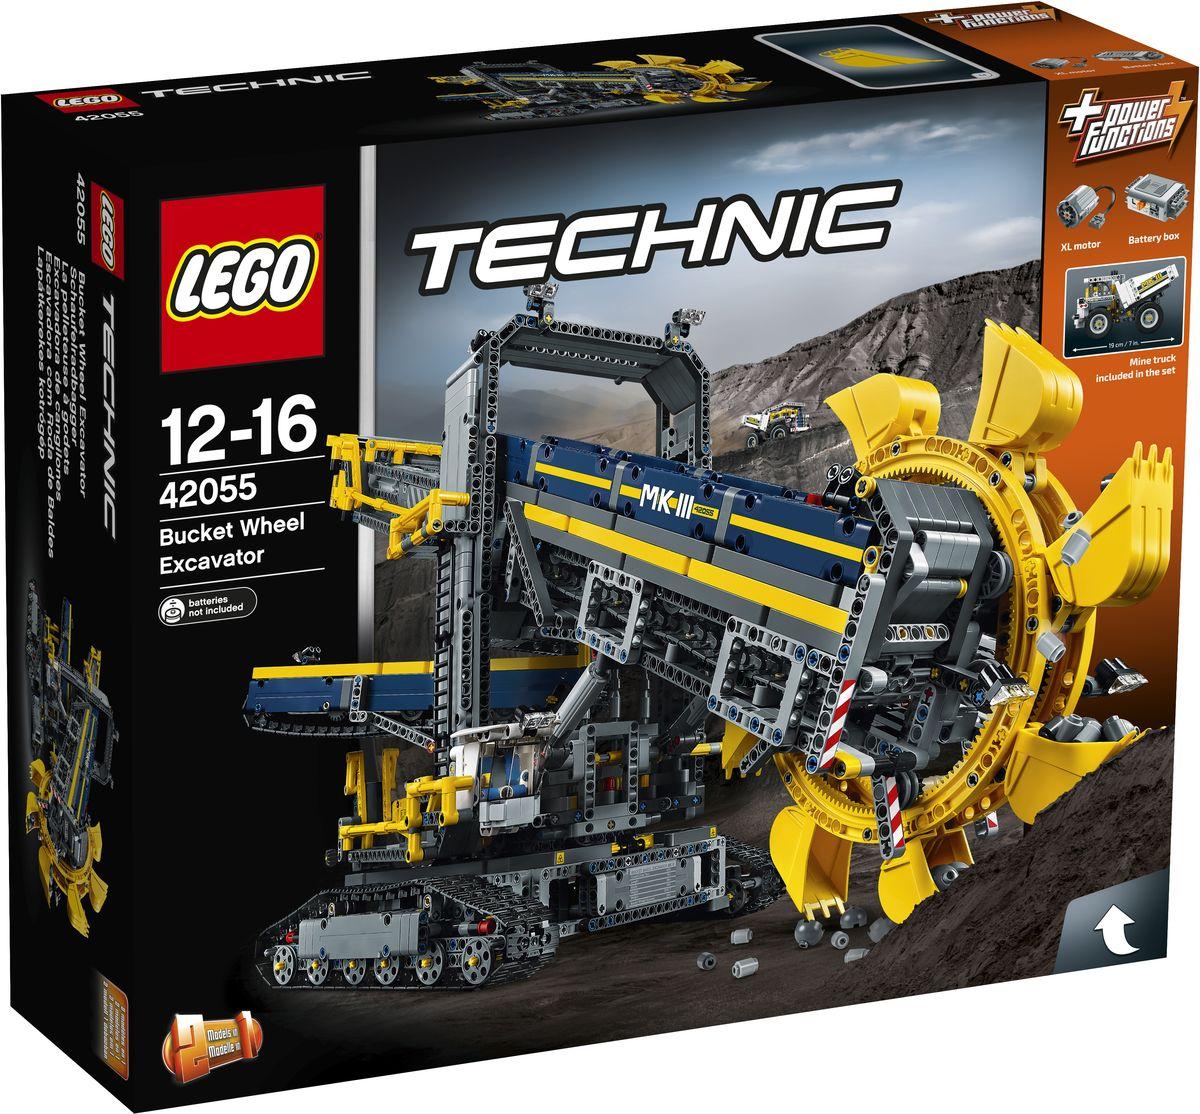 LEGO Technic Конструктор Роторный экскаватор 4205542055Наслаждайтесь сборкой и эксплуатацией этого массивного роторного экскаватора 2 в 1, самого большого набора LEGO Technic на сегодняшний день! Эта удивительная тщательно детализированная копия настоящего горного экскаватора исполнена в прекрасной цветовой гамме и поставляется с комплексом аутентичных возможностей и функций, в том числе мостиком с ручным управлением, огромными гусеницами и детализированной кабиной. Включите прилагаемый мотор Power Functions и сможете активировать конвейерные ленты, повернуть массивную верхнюю часть конструкции и переместить колоссальную машину в нужное положение. Затем активируйте стрелу, чтобы опустить колесо с гигантским ковшом, и погрузите добытую в шахте породу в ожидающий грузовик. Когда будете готовы к новой задаче, перестройте модель в мобильный дробильно-сортировочный завод. Набор включает в себя 3927 разноцветных пластиковых элементов. Конструктор станет замечательным сюрпризом вашему ребенку, который будет...